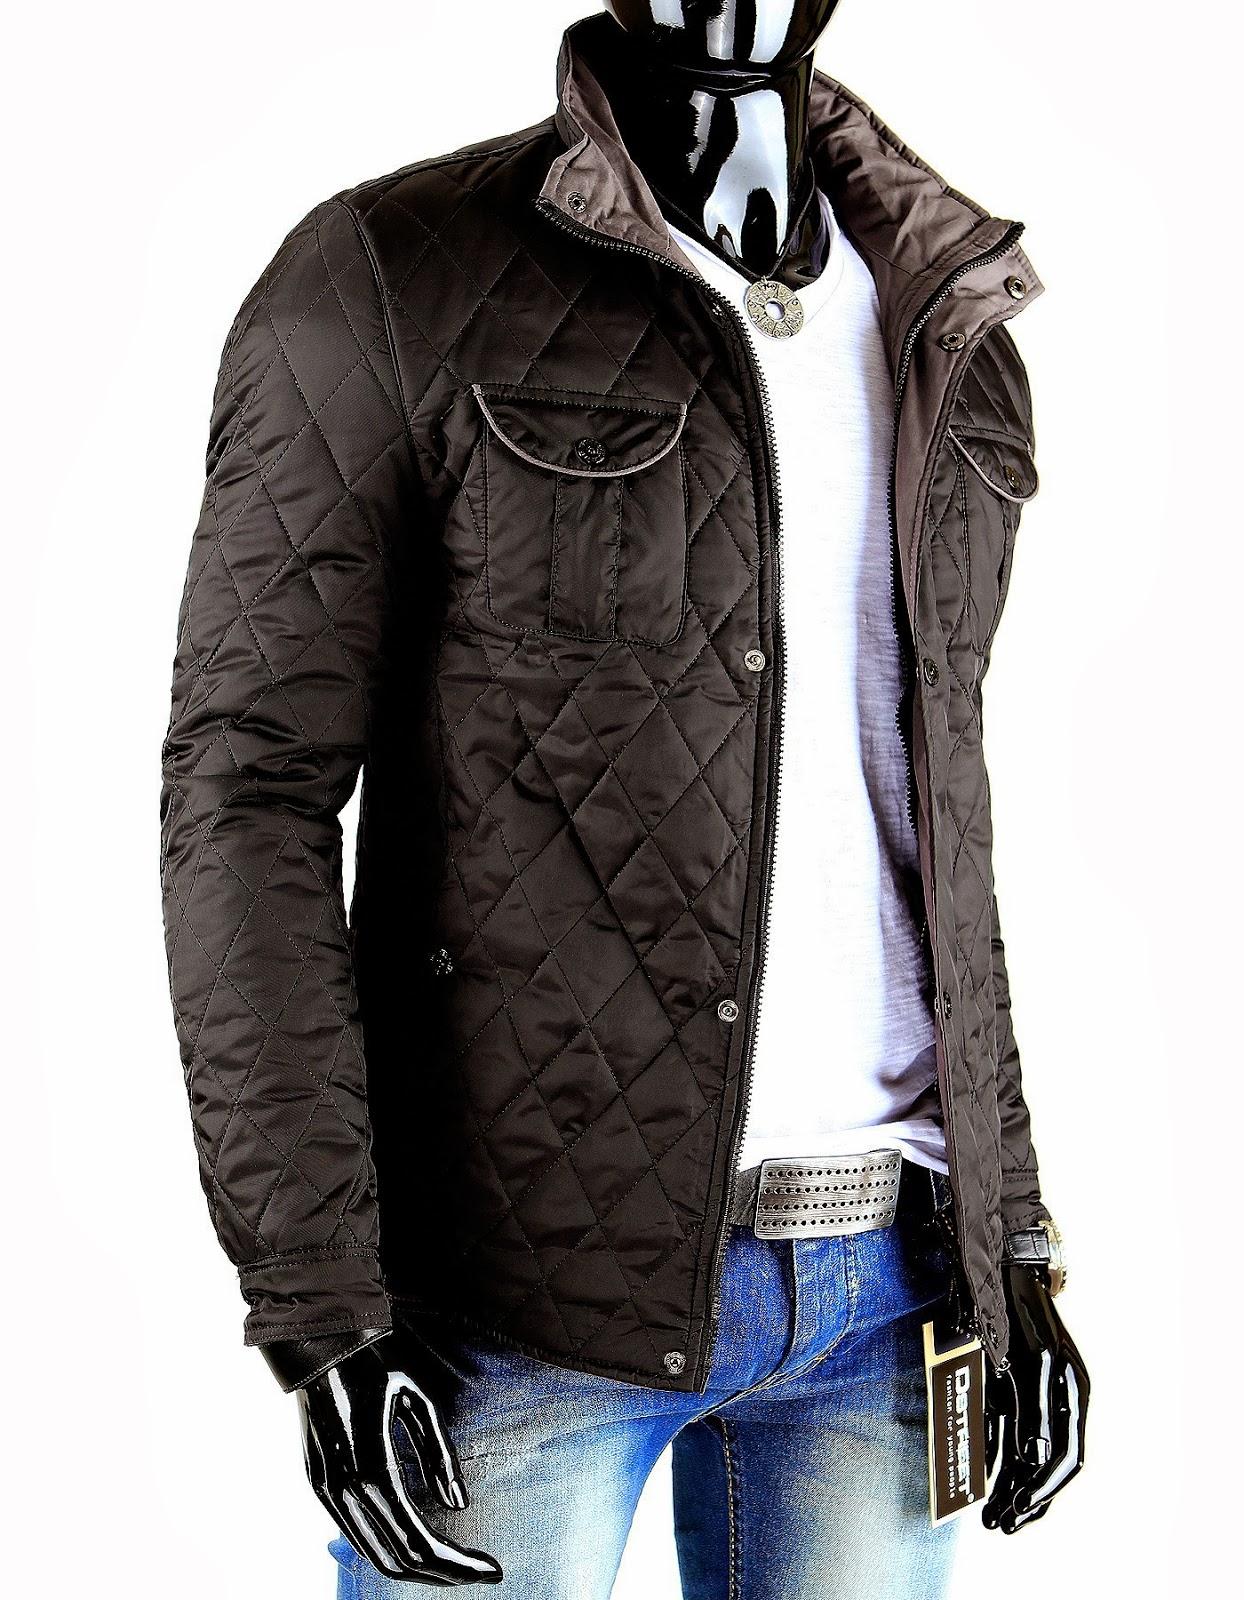 Modne kurtki w stylu codziennym. Wybierz aktualny, modny fason lub klasyczny, dopasowany krój i zapewnij sobie ciepło oraz wygodę albo stylowy strój warstwowy.